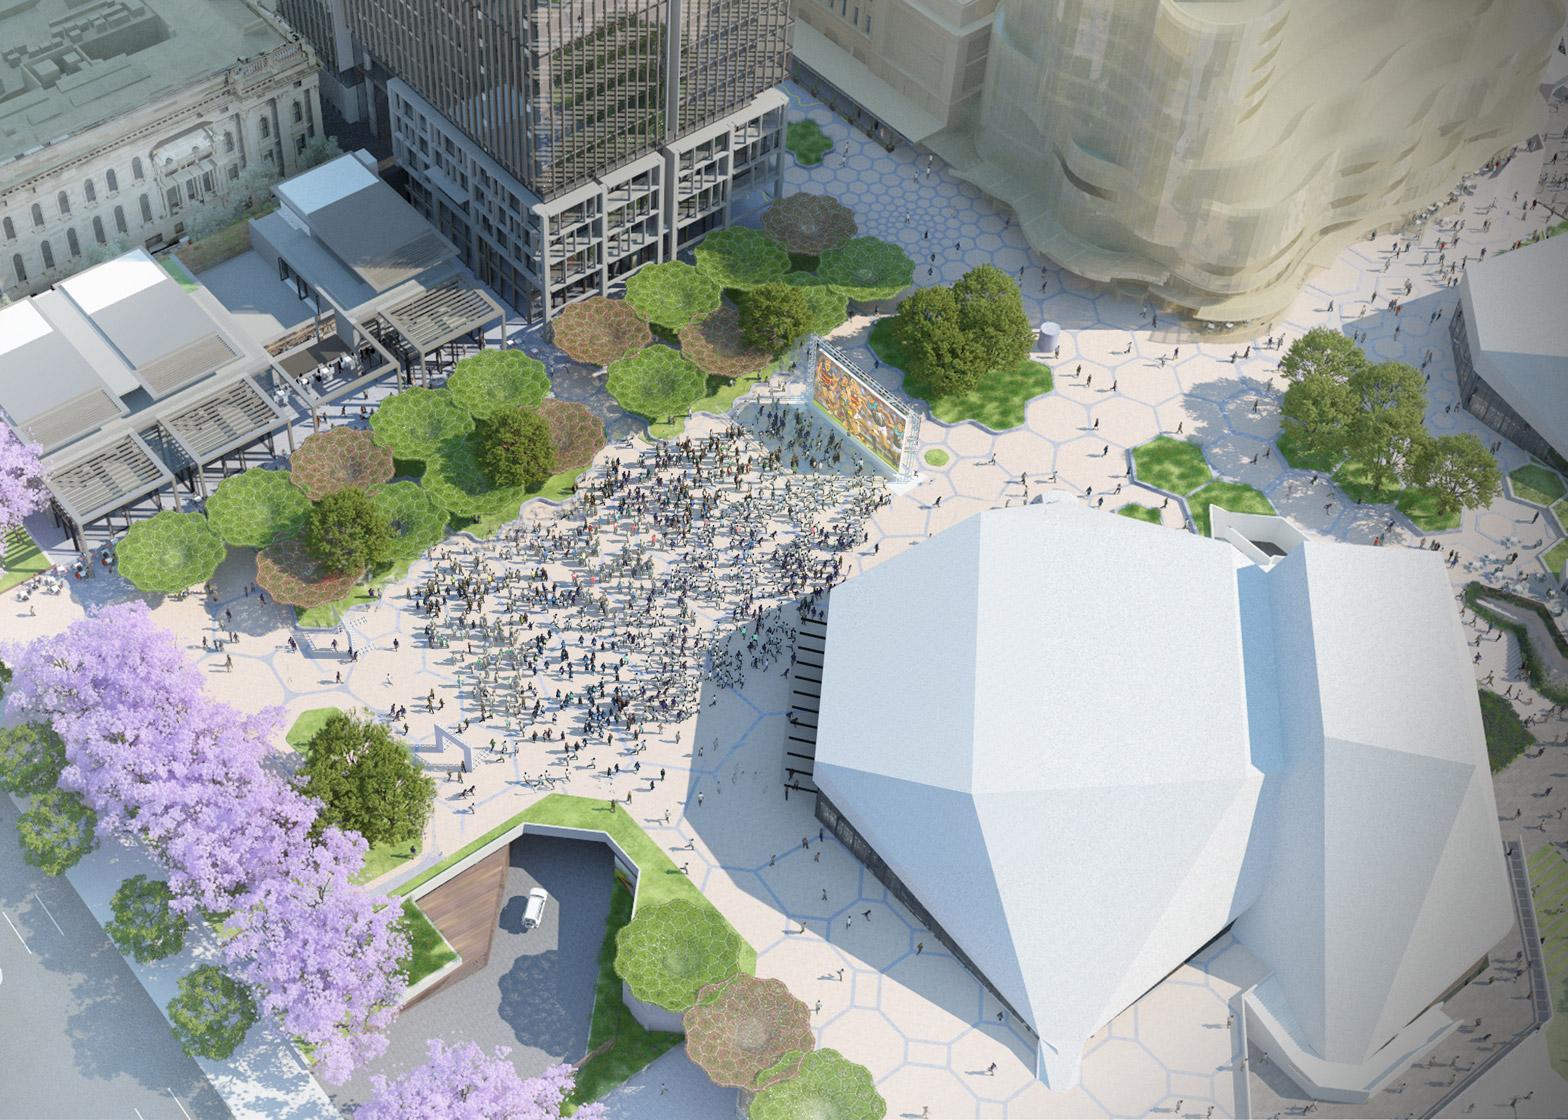 ARM Architecture's Adelaide Festival Plaza Precinct